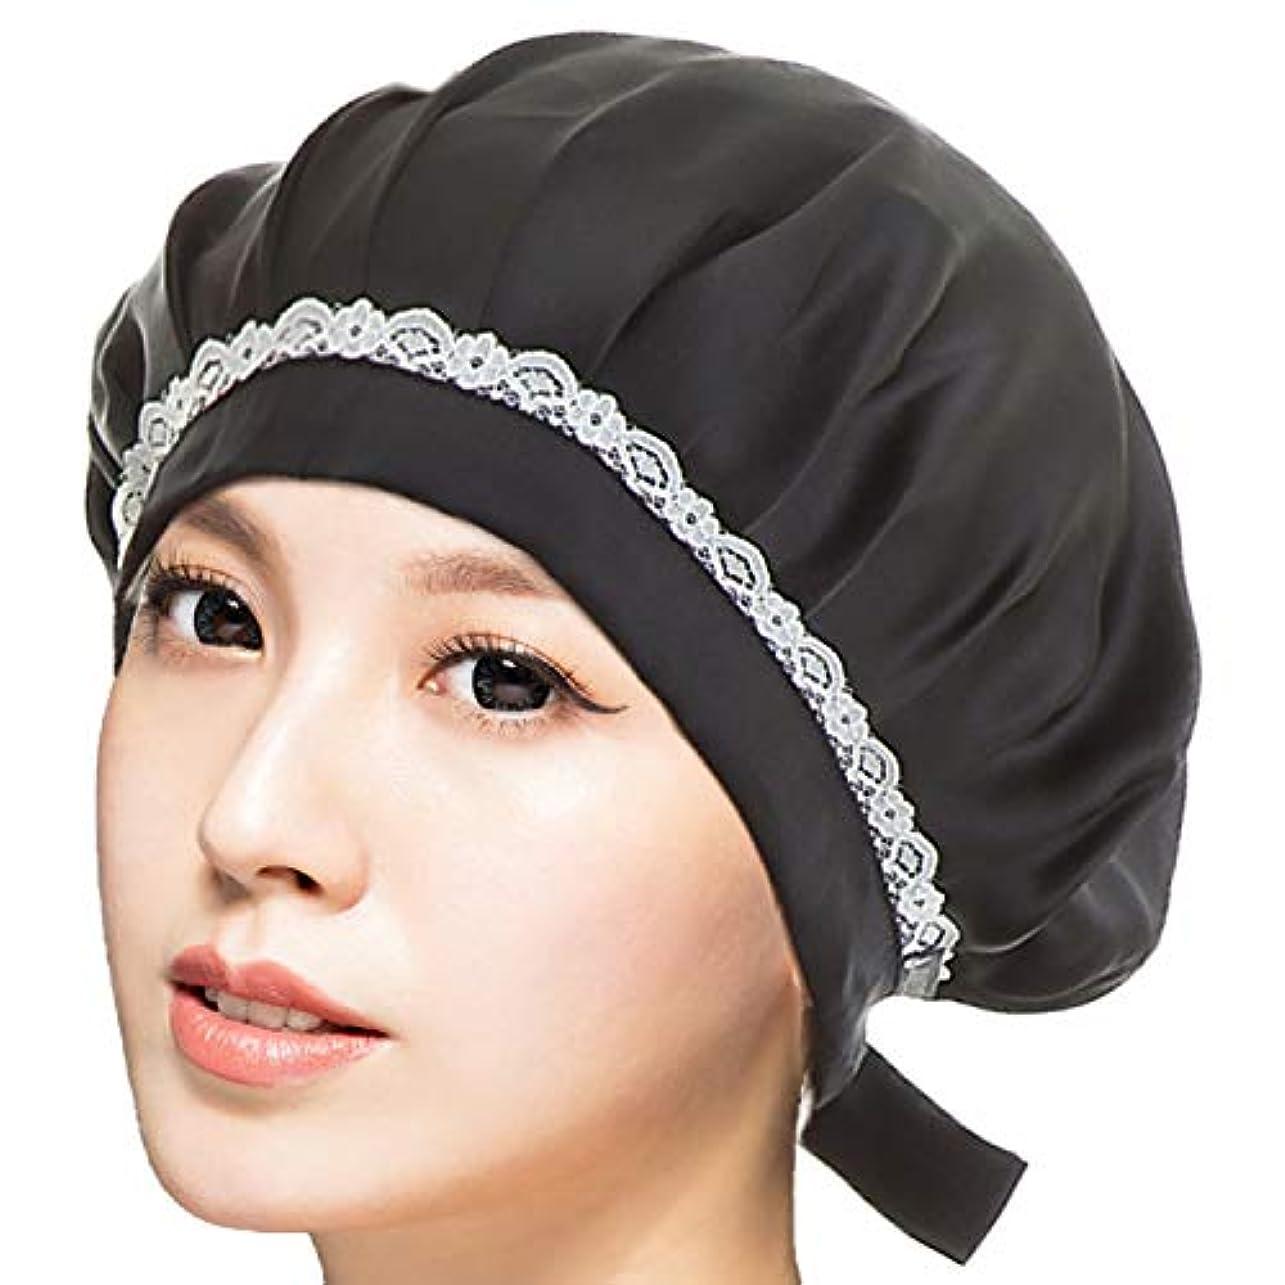 RUPORX シルク ナイトキャップ 天然シルク100% ロングヘア 通気性抜群 高品質 ヘアキャップ (ブラック)